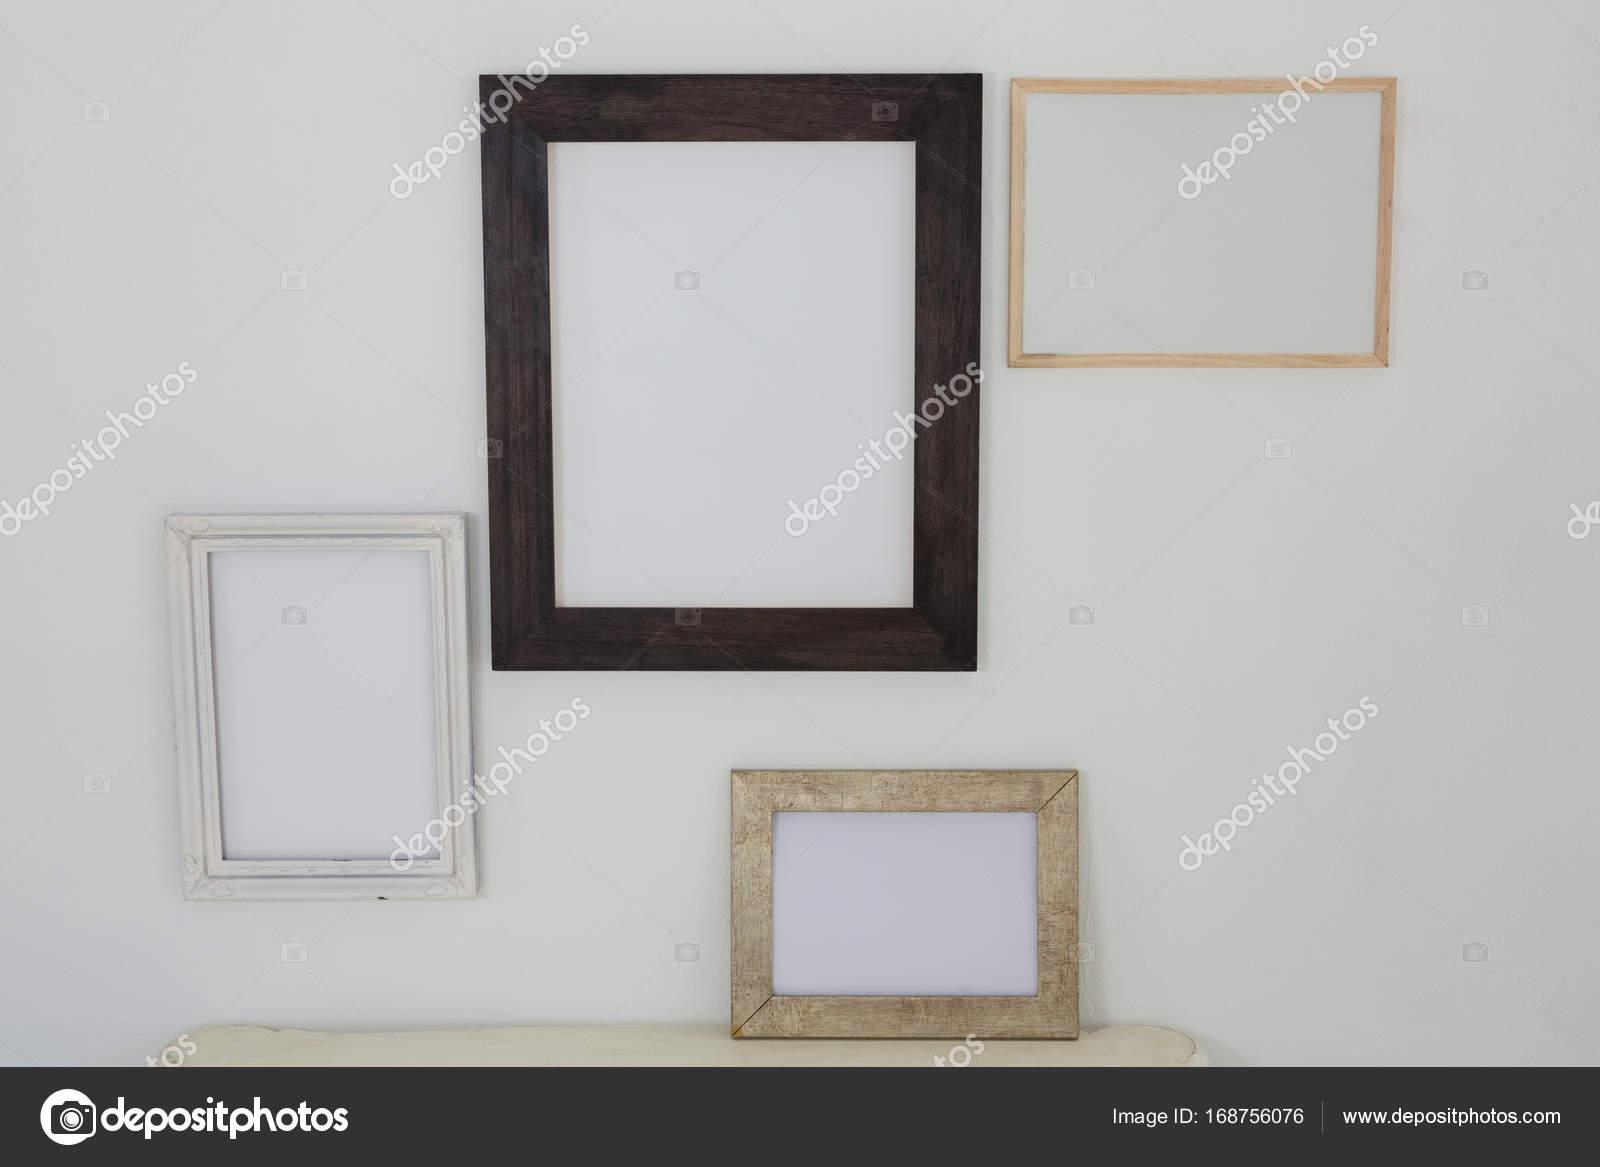 marcos de colgar en la pared — Fotos de Stock © Wavebreakmedia ...